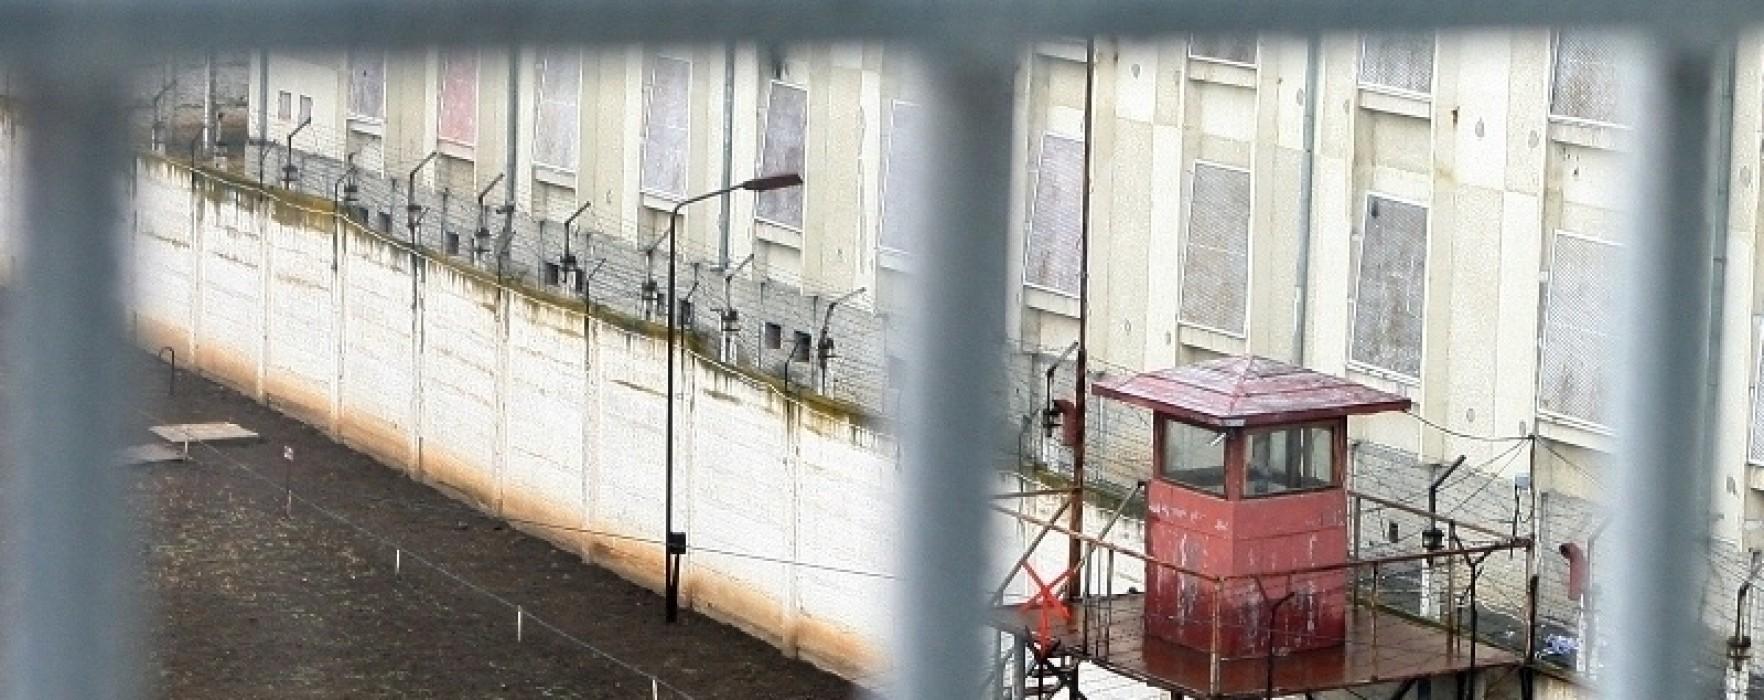 Un deţinut de la Penitenciarul Găeşti a dispărut de la locul de muncă; prins  de Poliţie